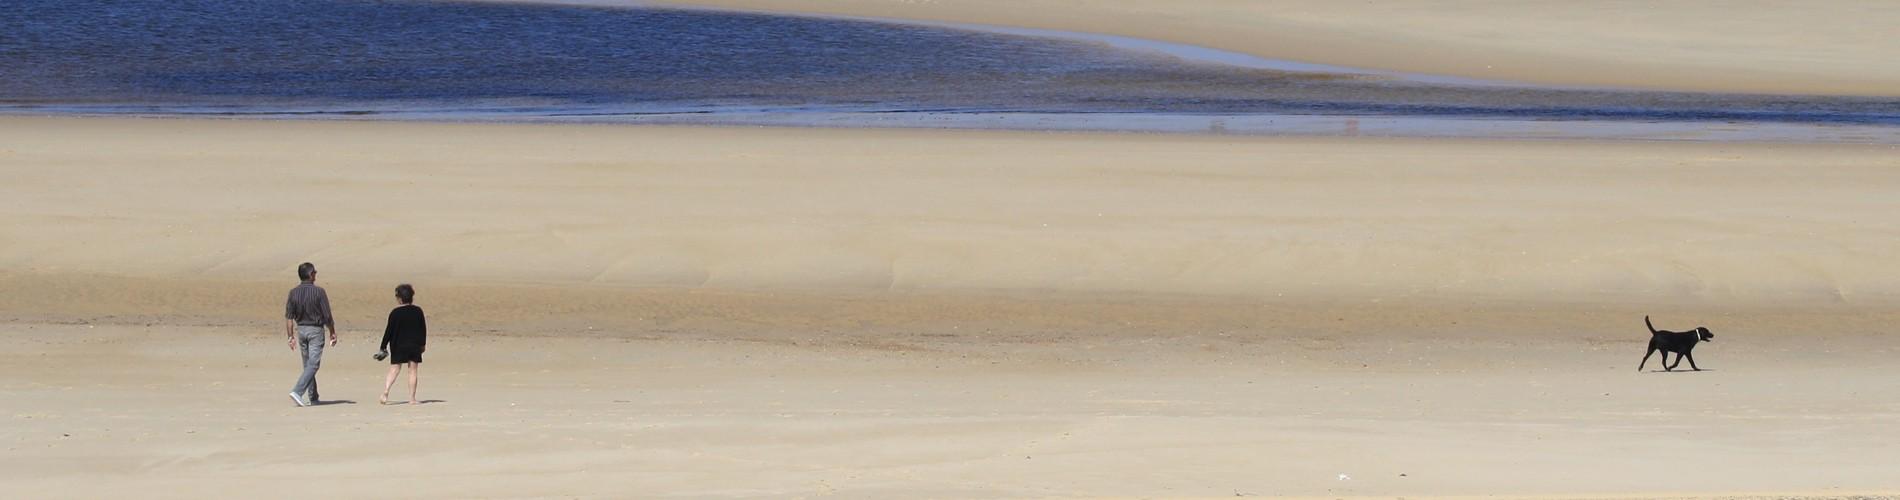 La plage de Contis dans le Sud-Ouest de la France